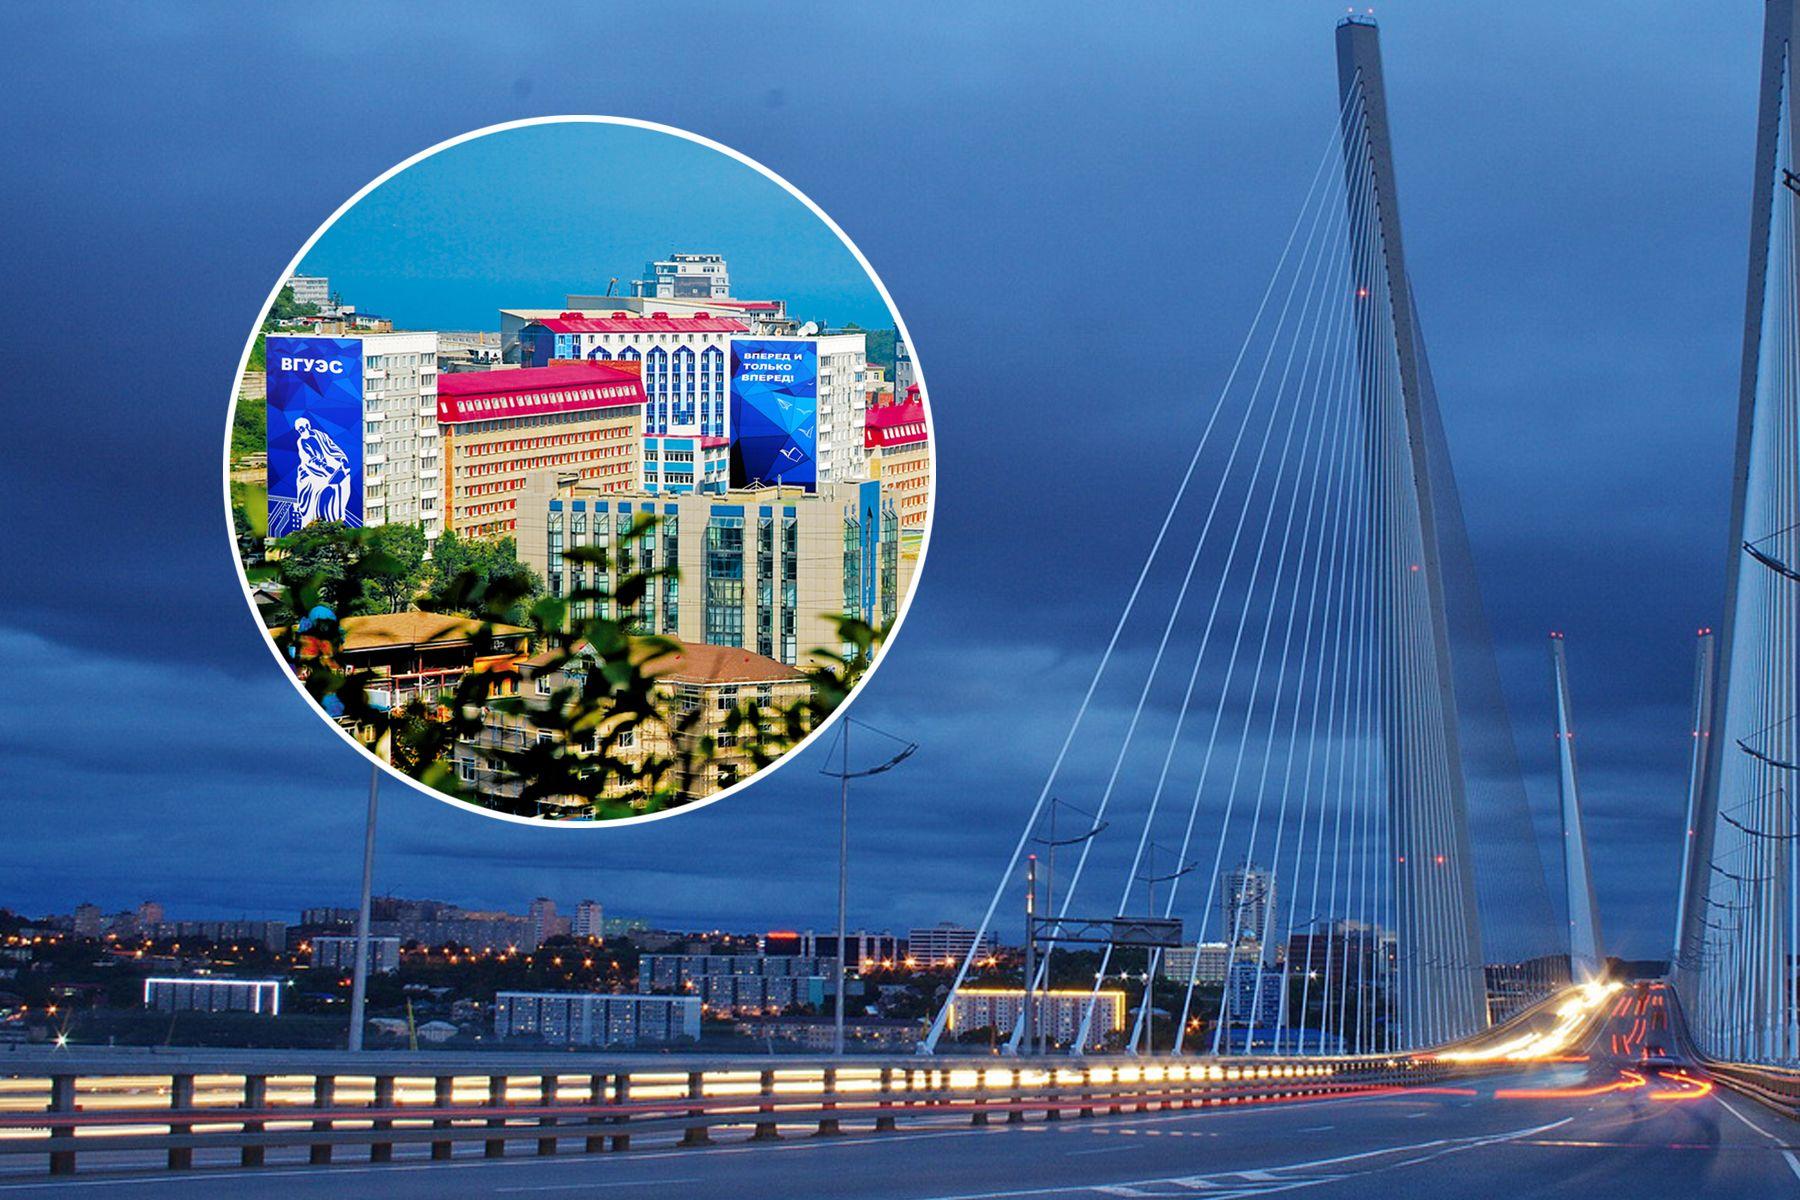 Все сферы экспортной деятельности на одной площадке: III международный форум «Экспортный потенциал Приморья» пройдет во ВГУЭС